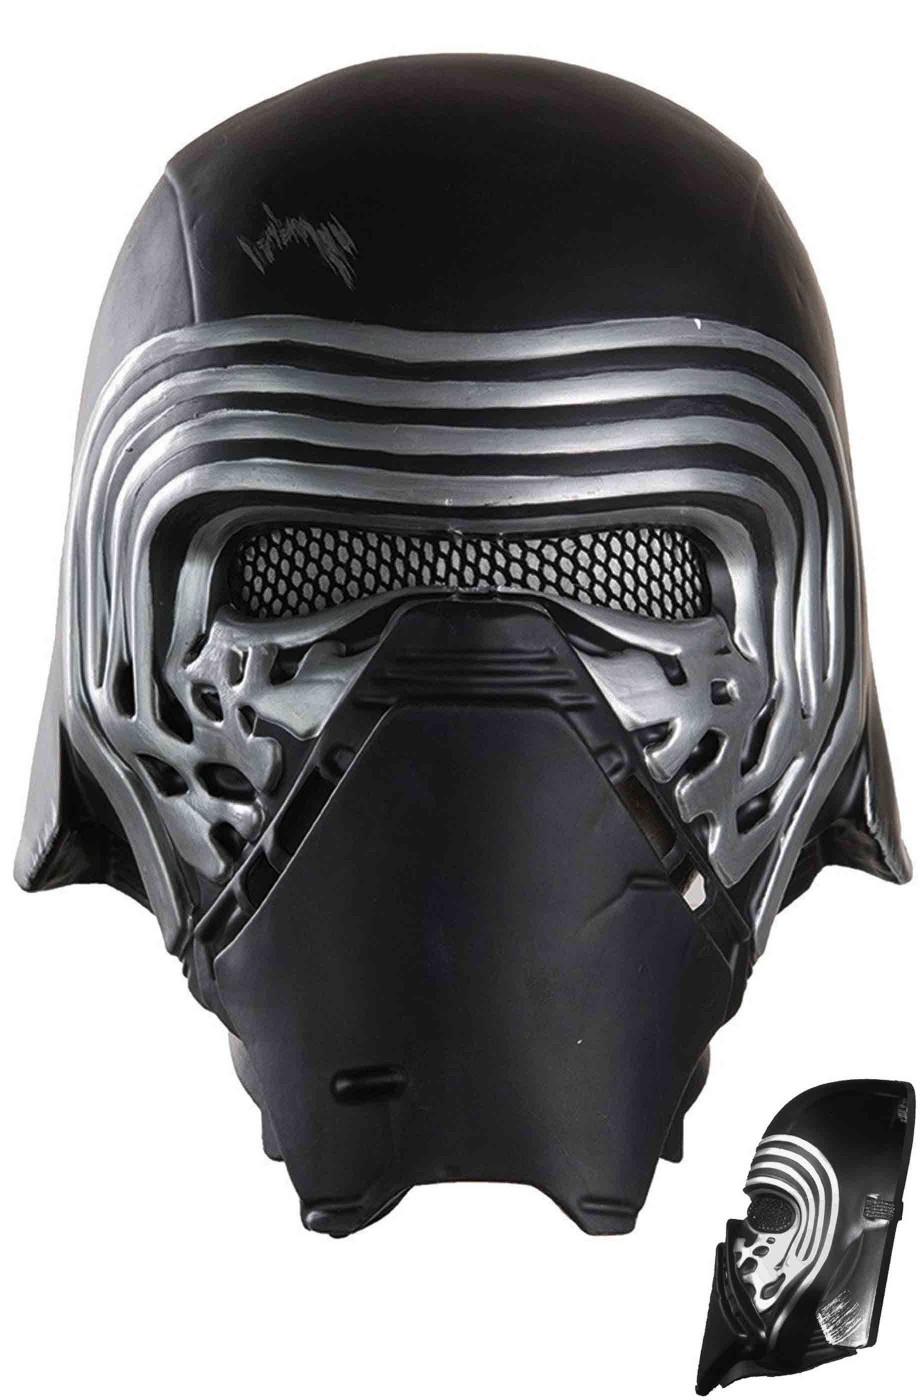 Maschera Kylo Ren Star Wars gli ultimi Jedi solo frontale con elastico